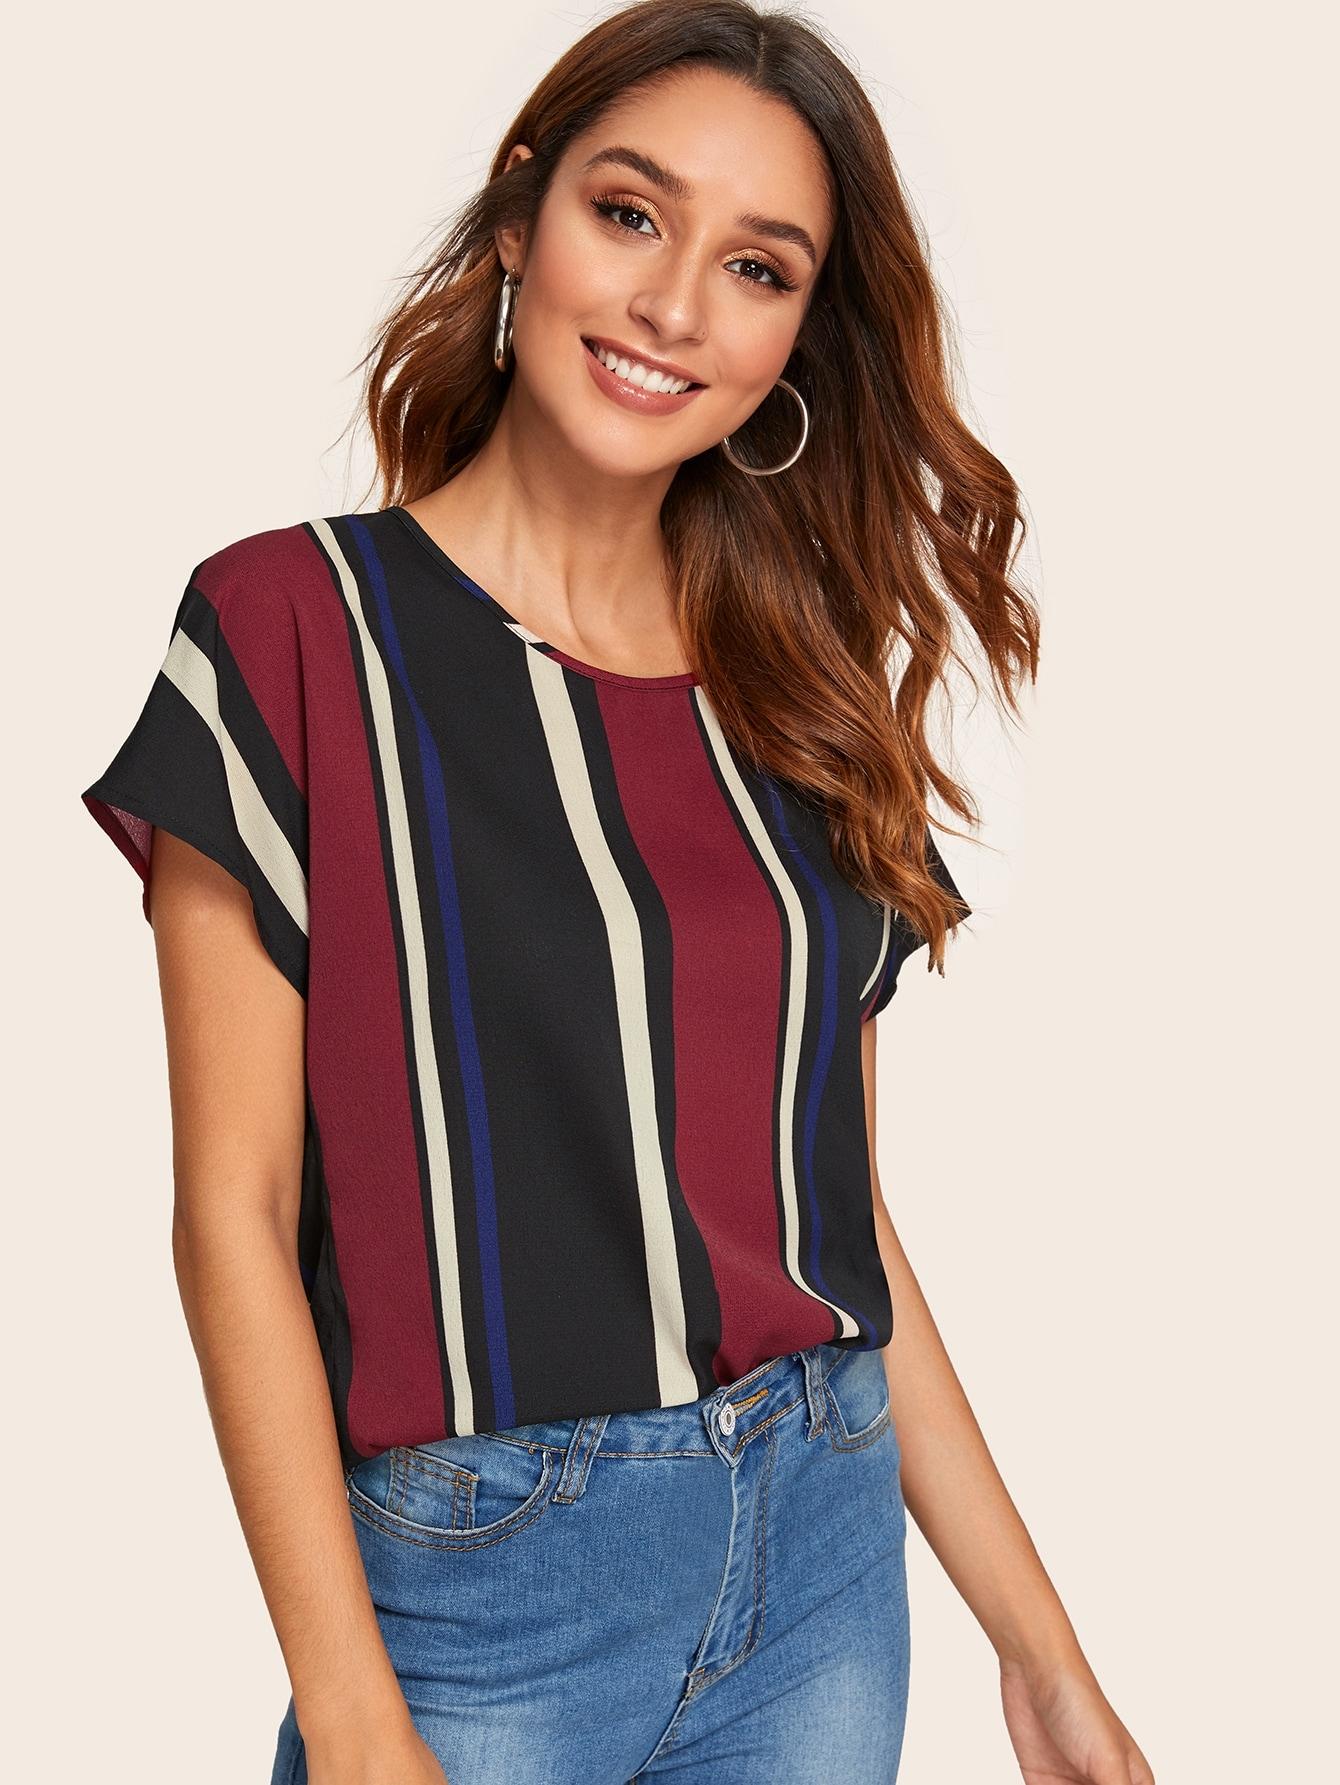 de71ac6011 Women's Blouses & Shirts Online | SHEIN UK